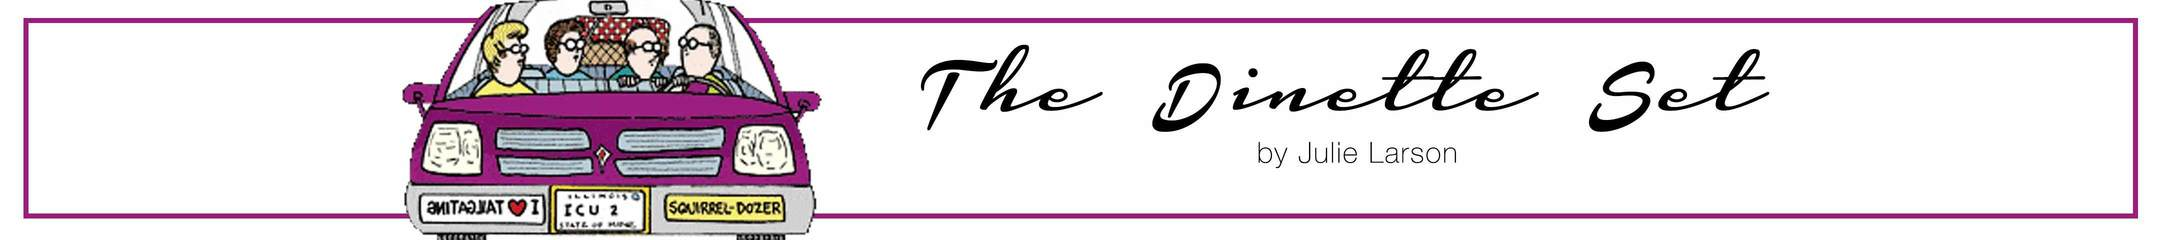 The Dinette Set